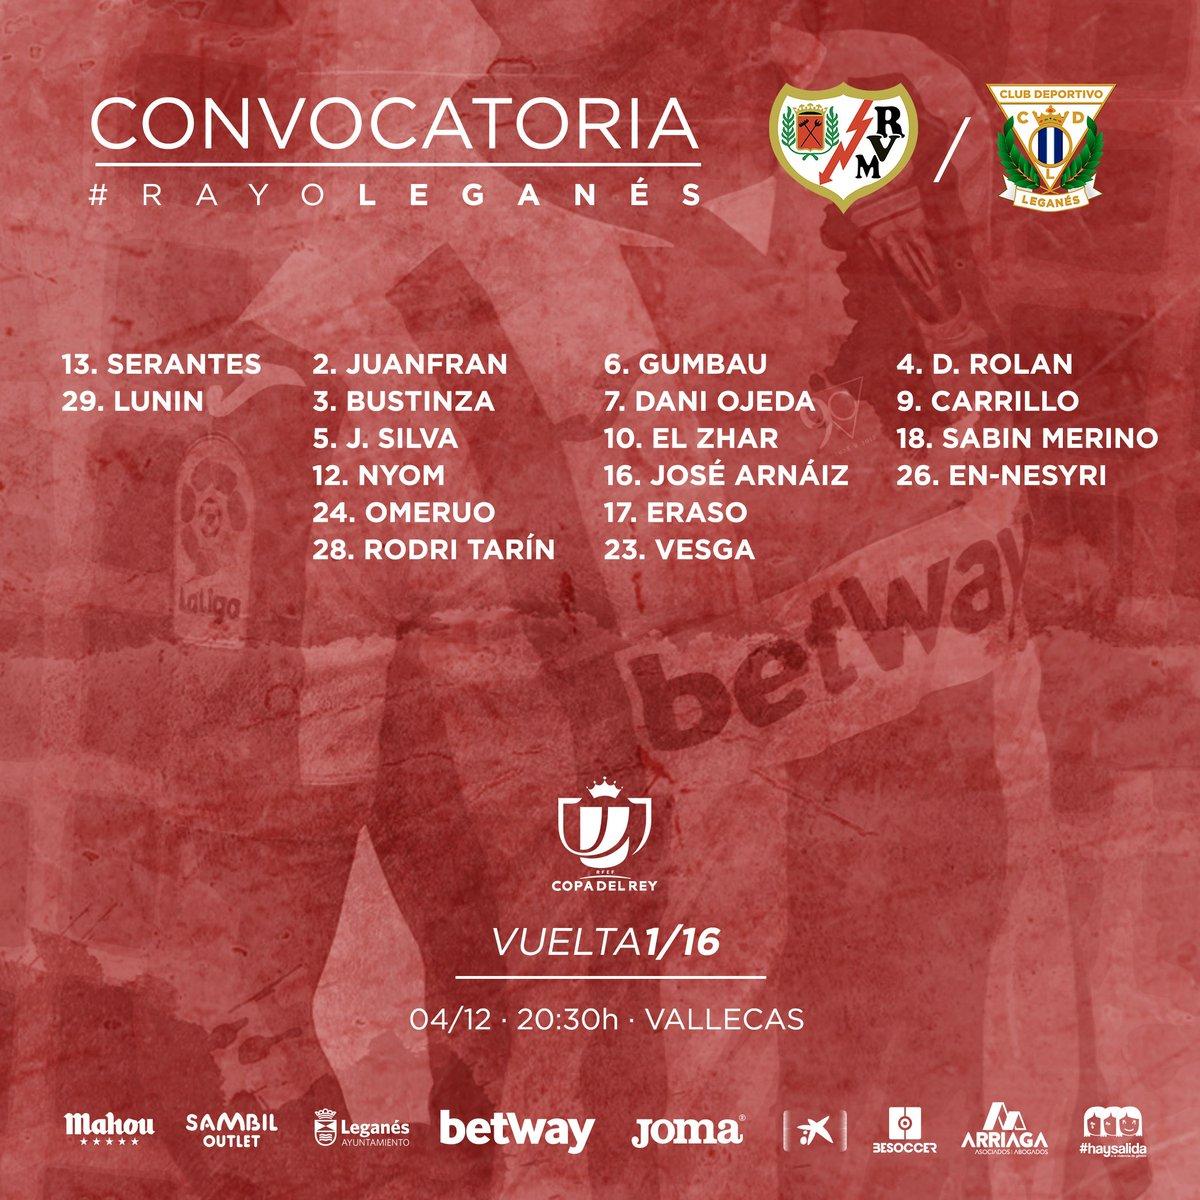 DtkusP6WwAA-oy2 Cuellar, Siovas, Oscar y Rubén Pérez fuera de la convocatoria para la Copa - Comunio-Biwenger